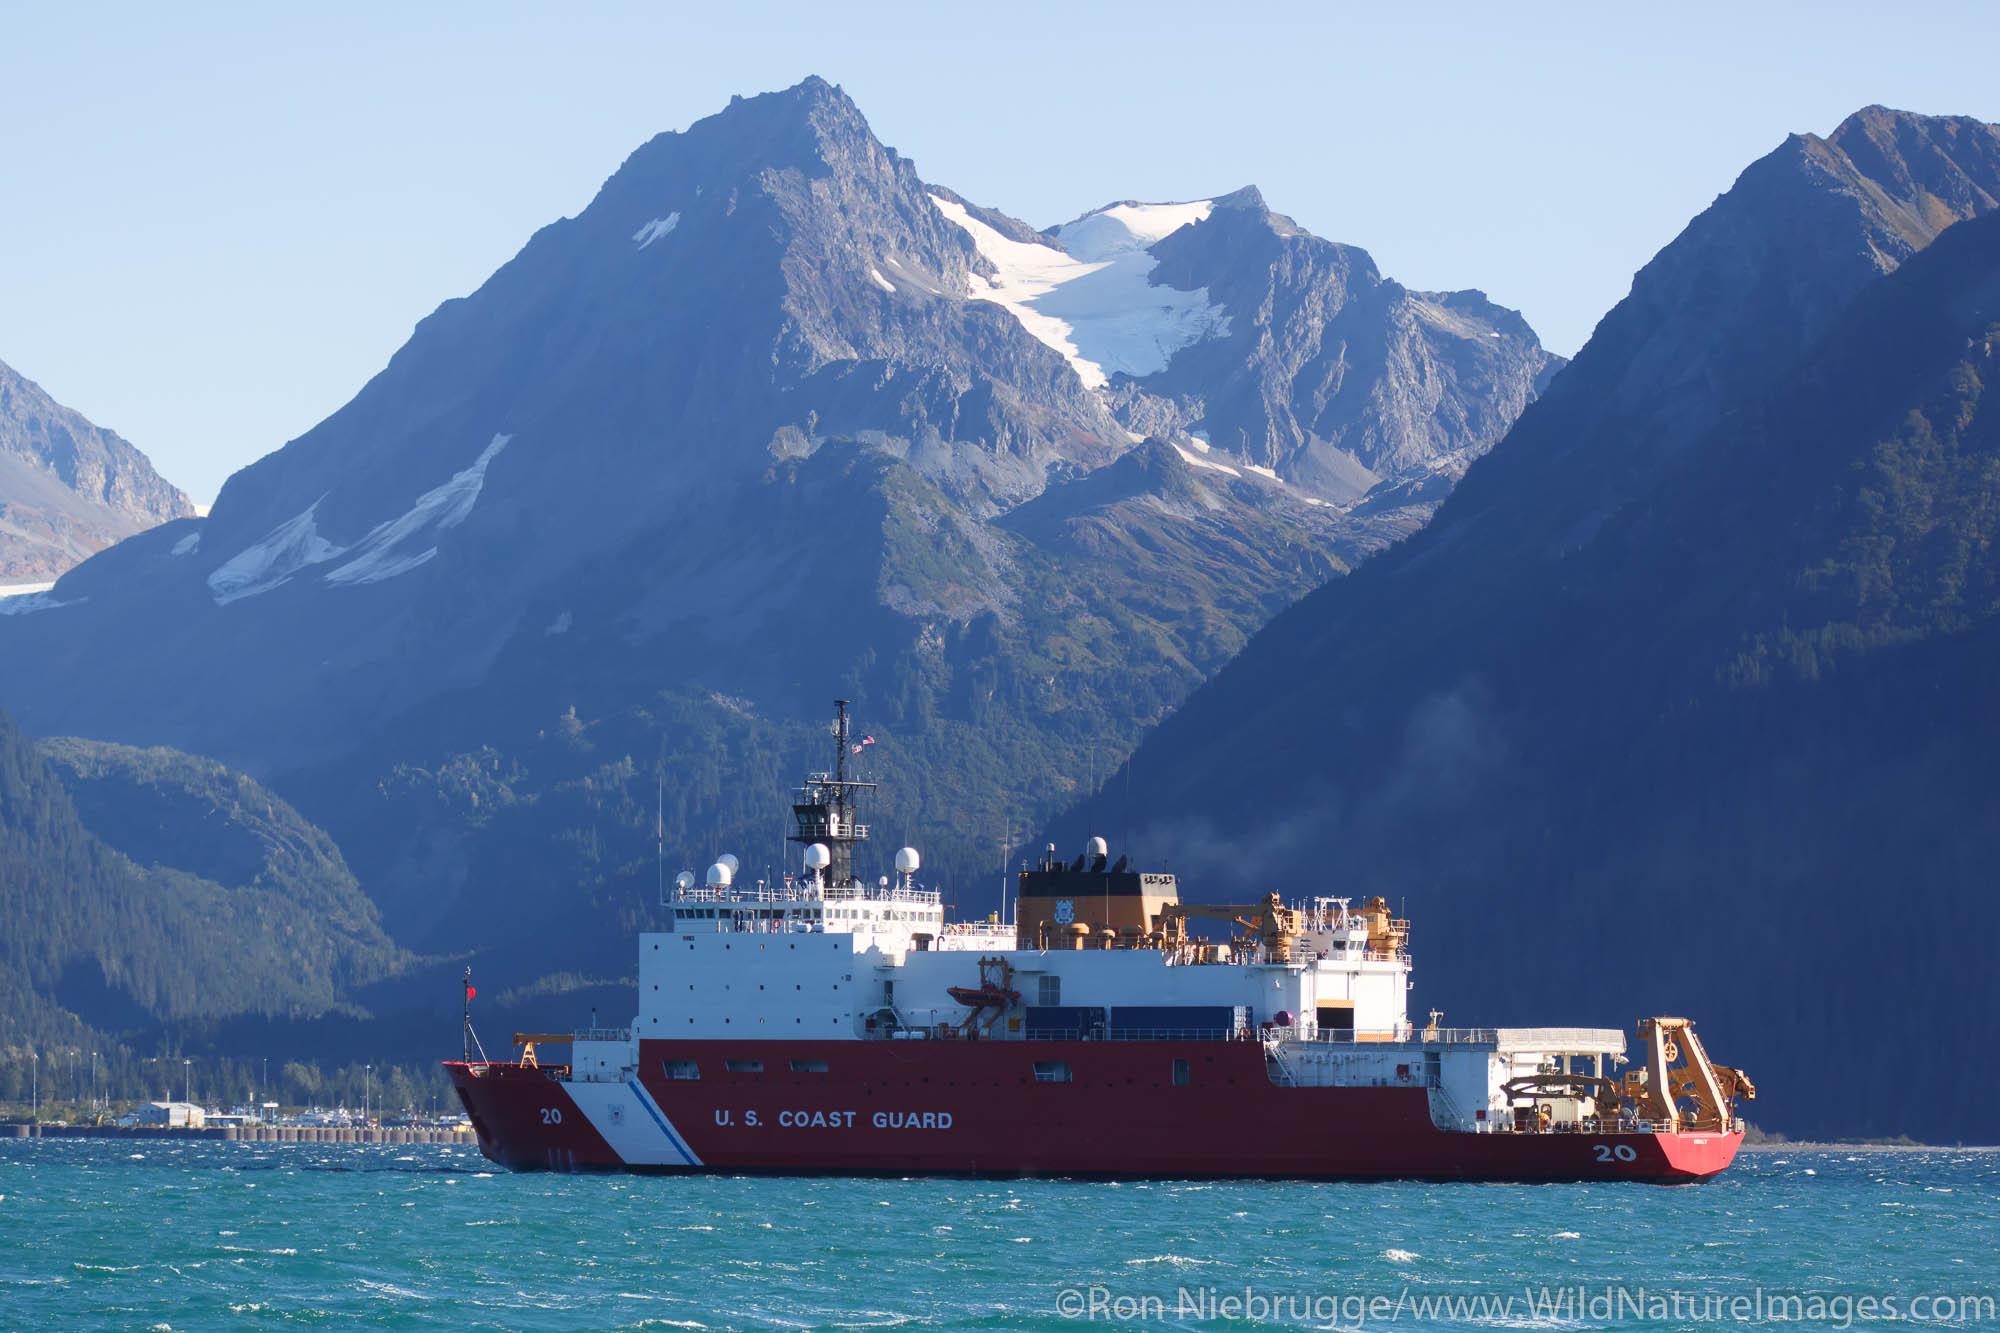 Coast Guard ship Healy, Resurrection Bay, Seward, Alaska.